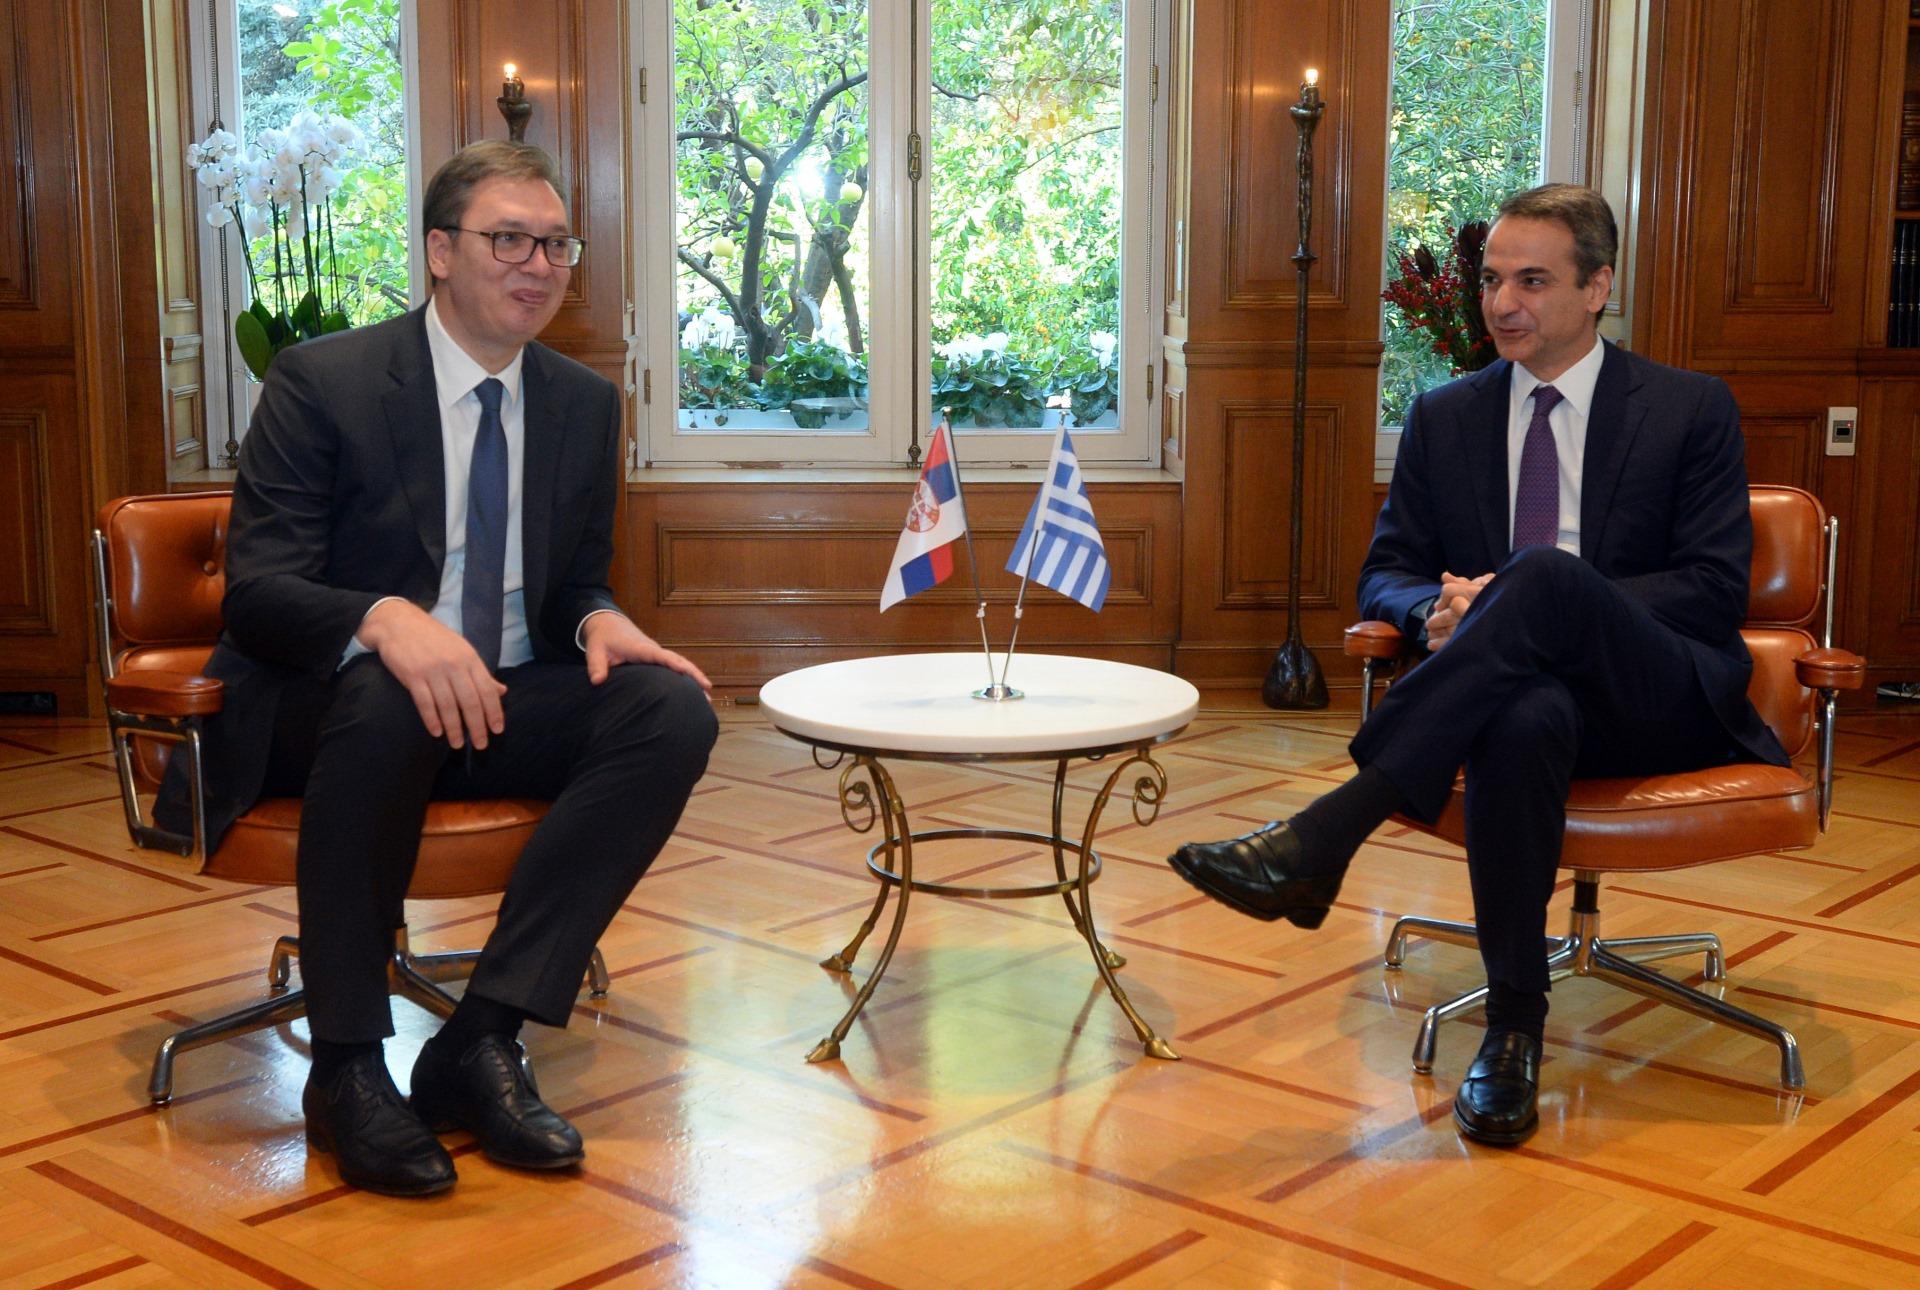 Predsednik Srbije Aleksandar Vucic sa grčkim premijerom Kirijakosom Micotakisom 2